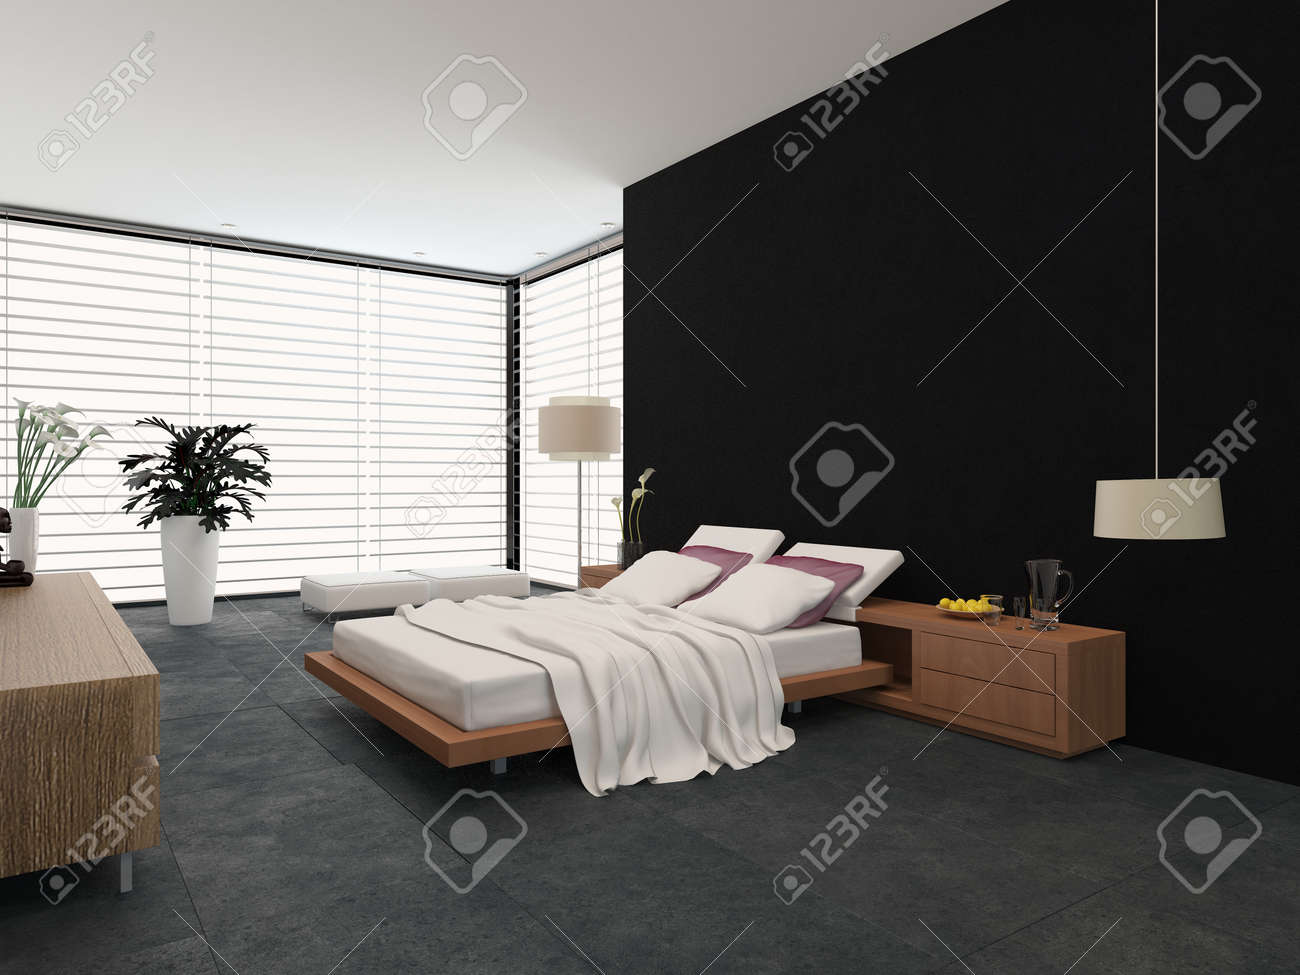 Banque Du0027images   Intérieur Chambre Moderne Avec Un Décor Noir Et Blanc  Avec Un Lit Réglable Et Lampe Standard Autonome Avec De Grandes Fenêtres  Couvertes ...